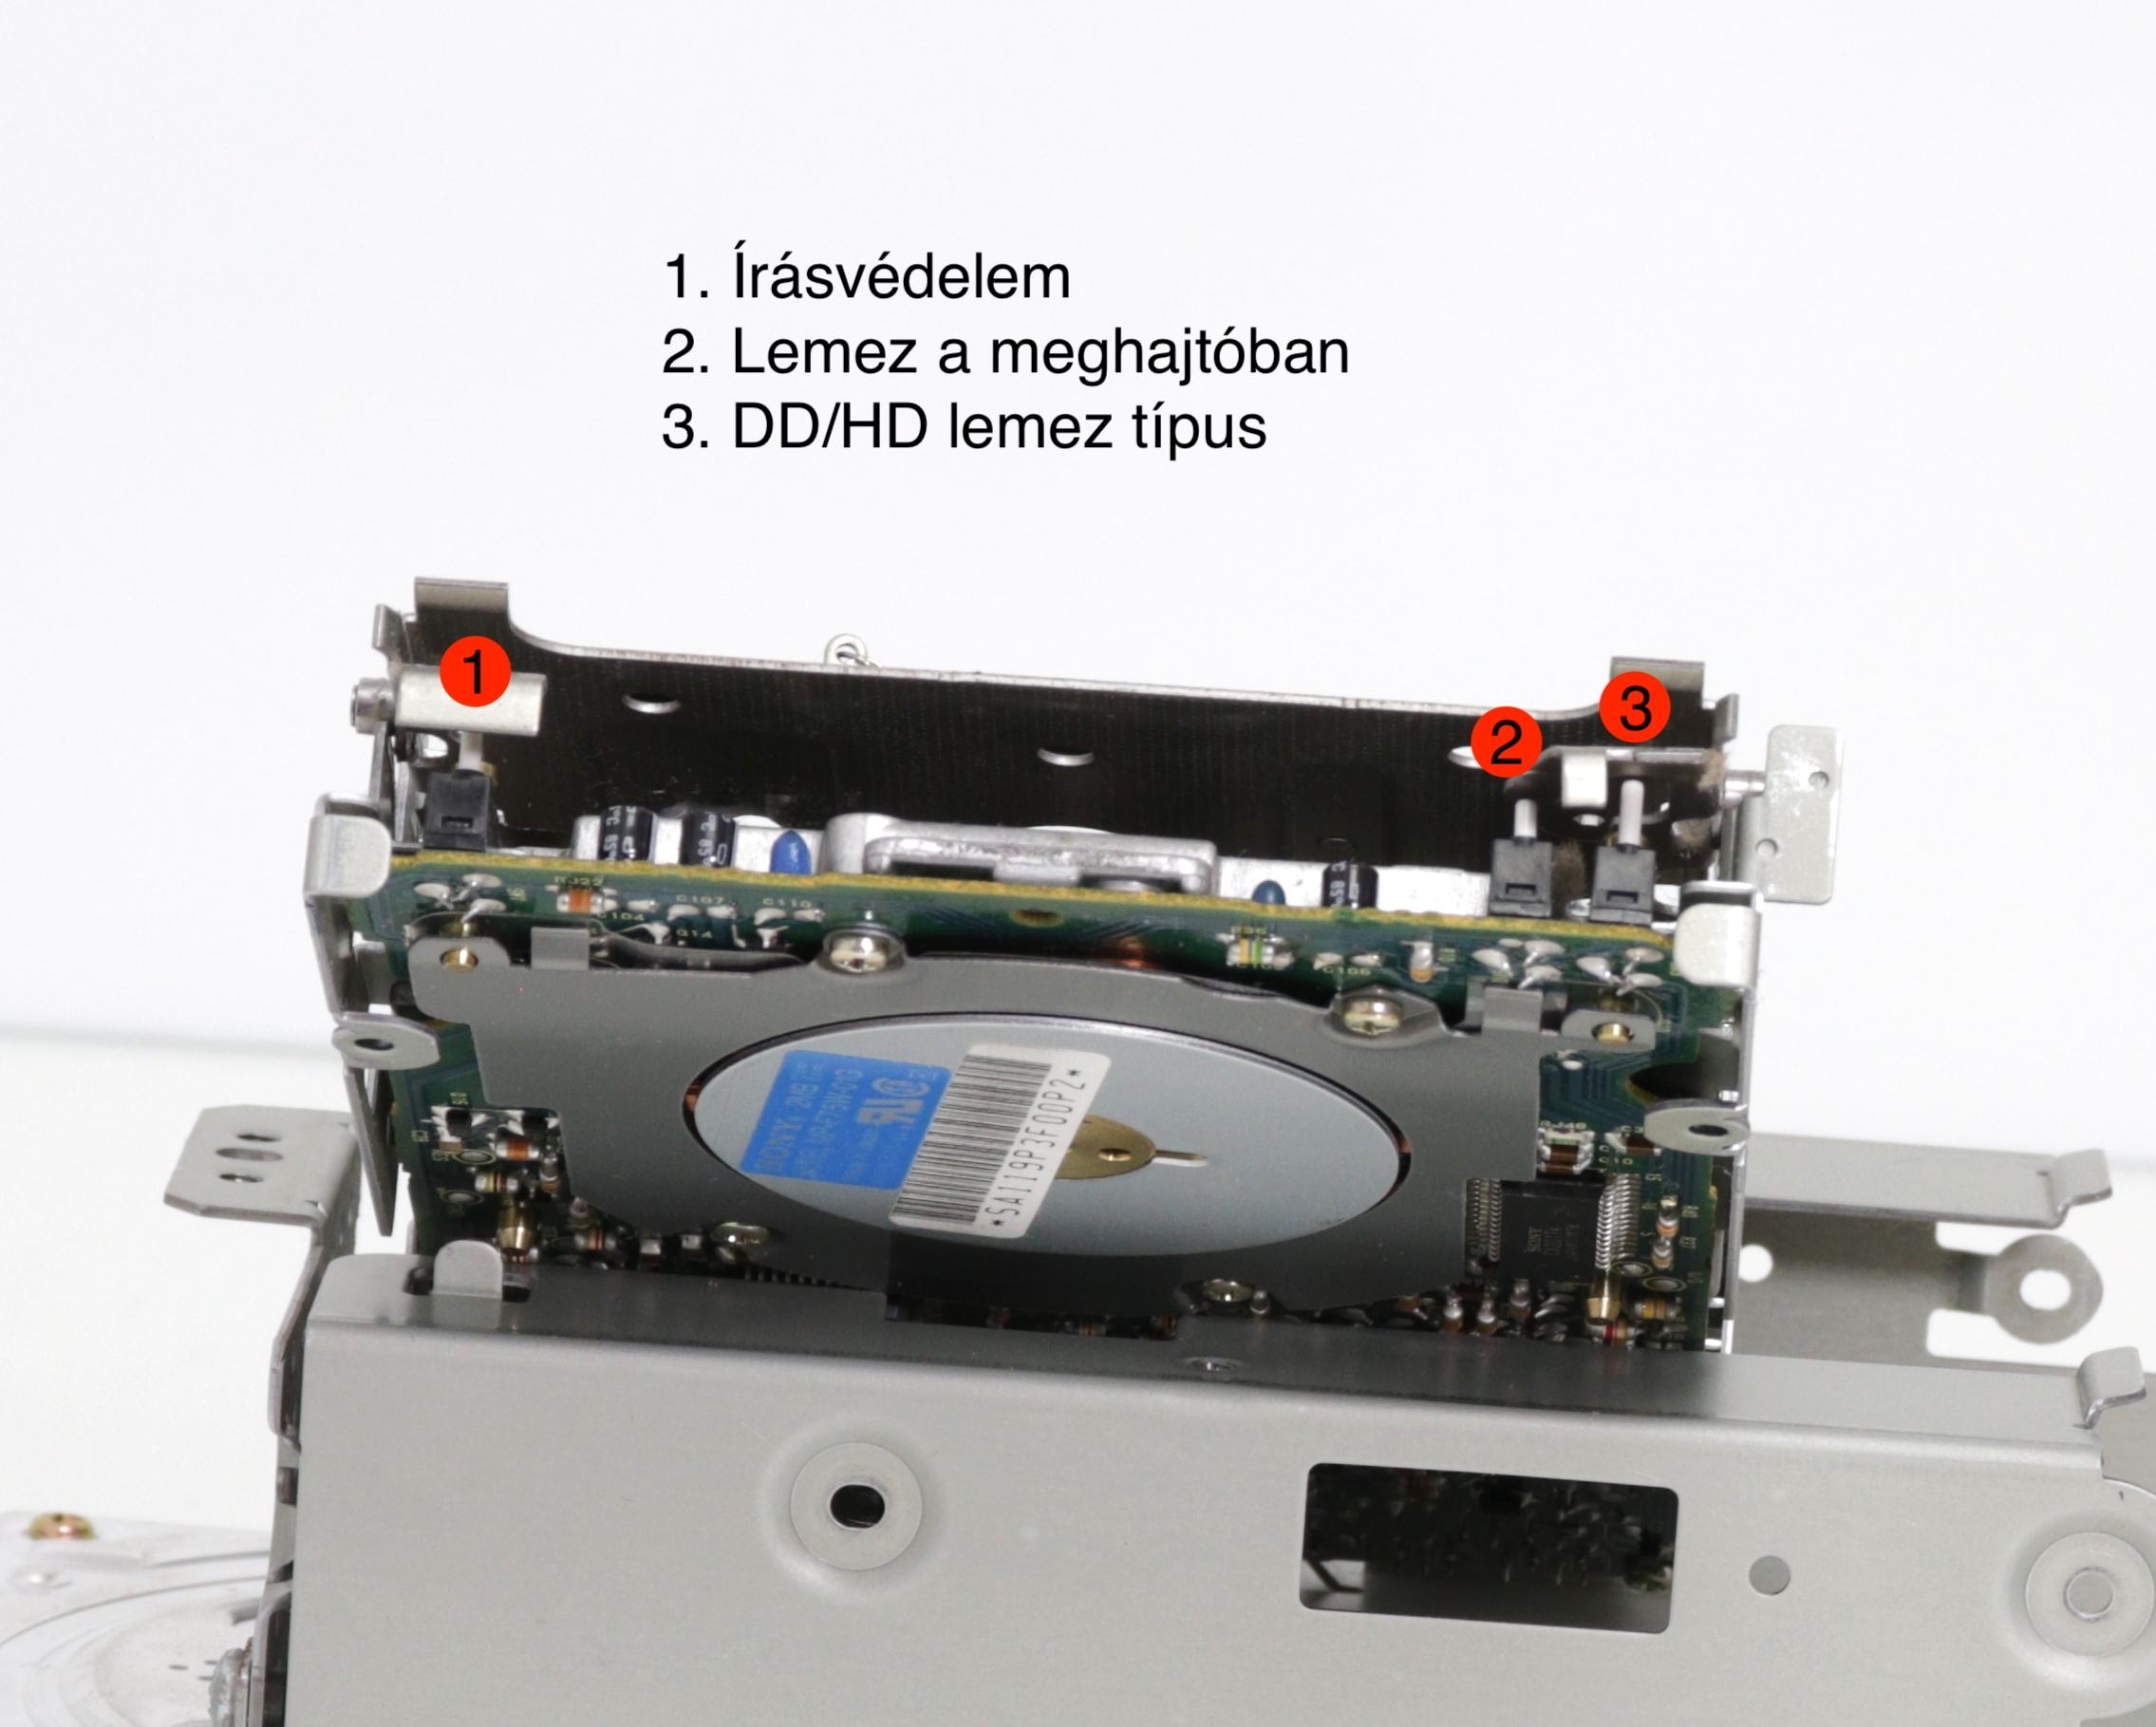 Floppy mikrokapcsolók